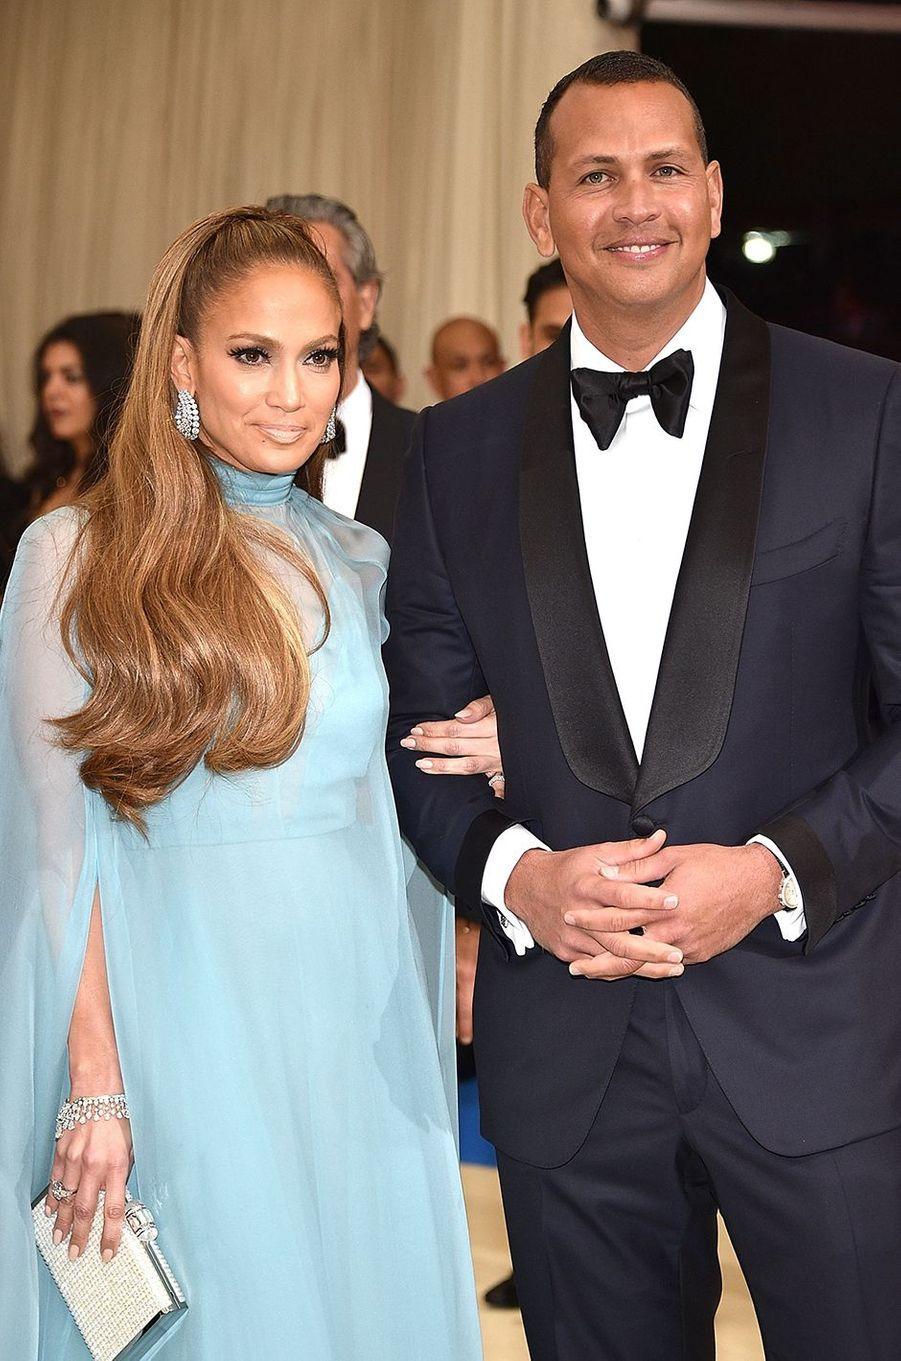 Jennifer Lopez et Alex Rodriguez au gala du MET à New York en mai 2017.Le couple se fréquente depuis le début de l'année 2017 et s'est fiancé en 2019.